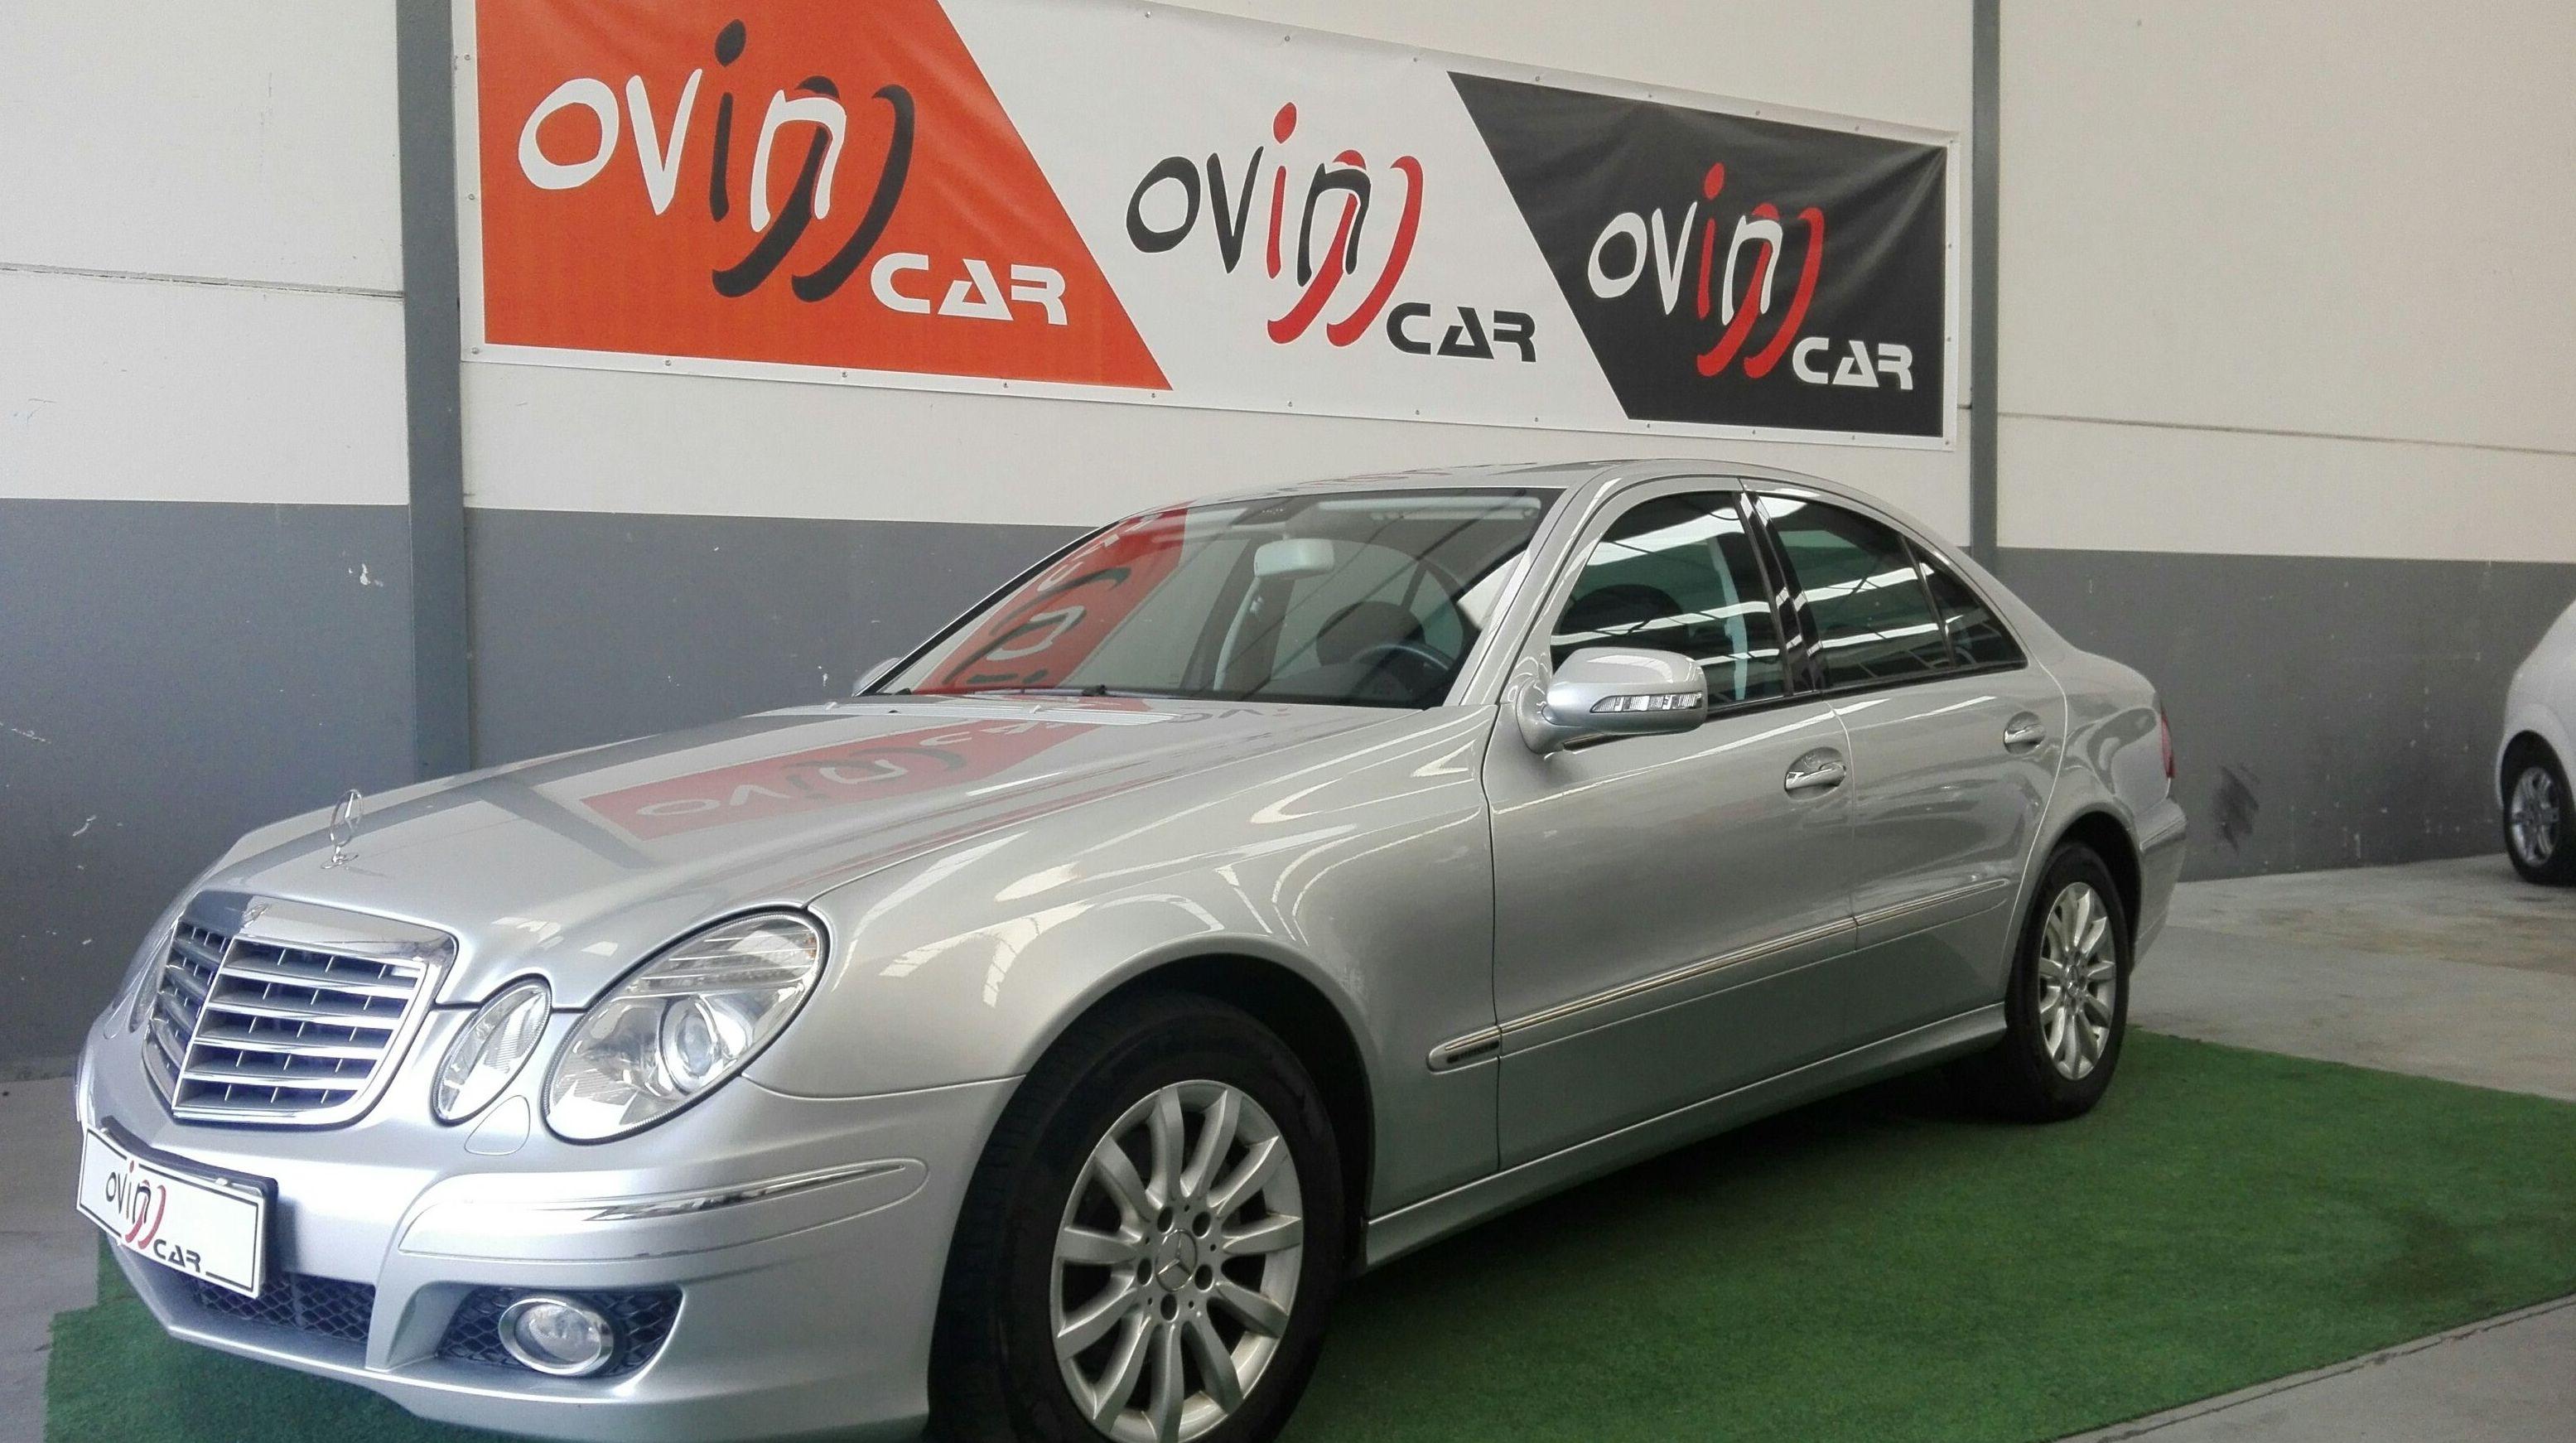 Mercedes benz e280 cdi: Venta de coches de Ovincar